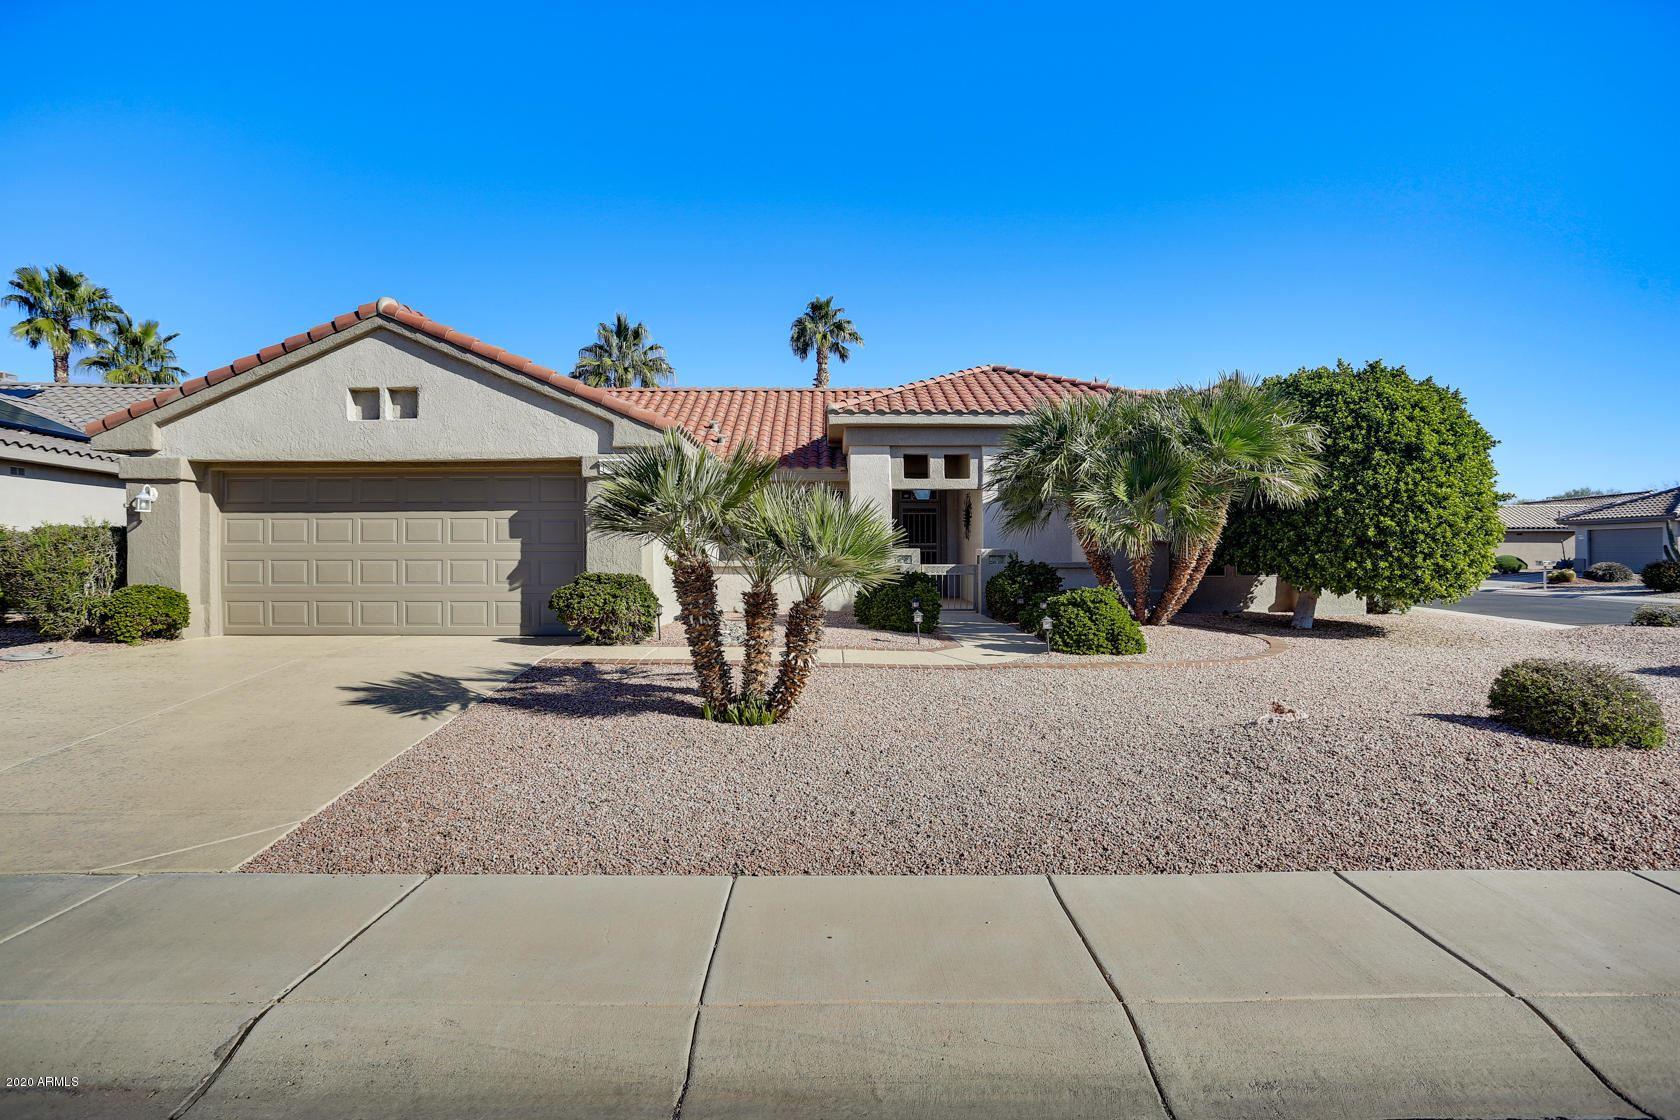 17307 N STONE HAVEN Drive, Surprise, AZ 85374 - MLS#: 6042193